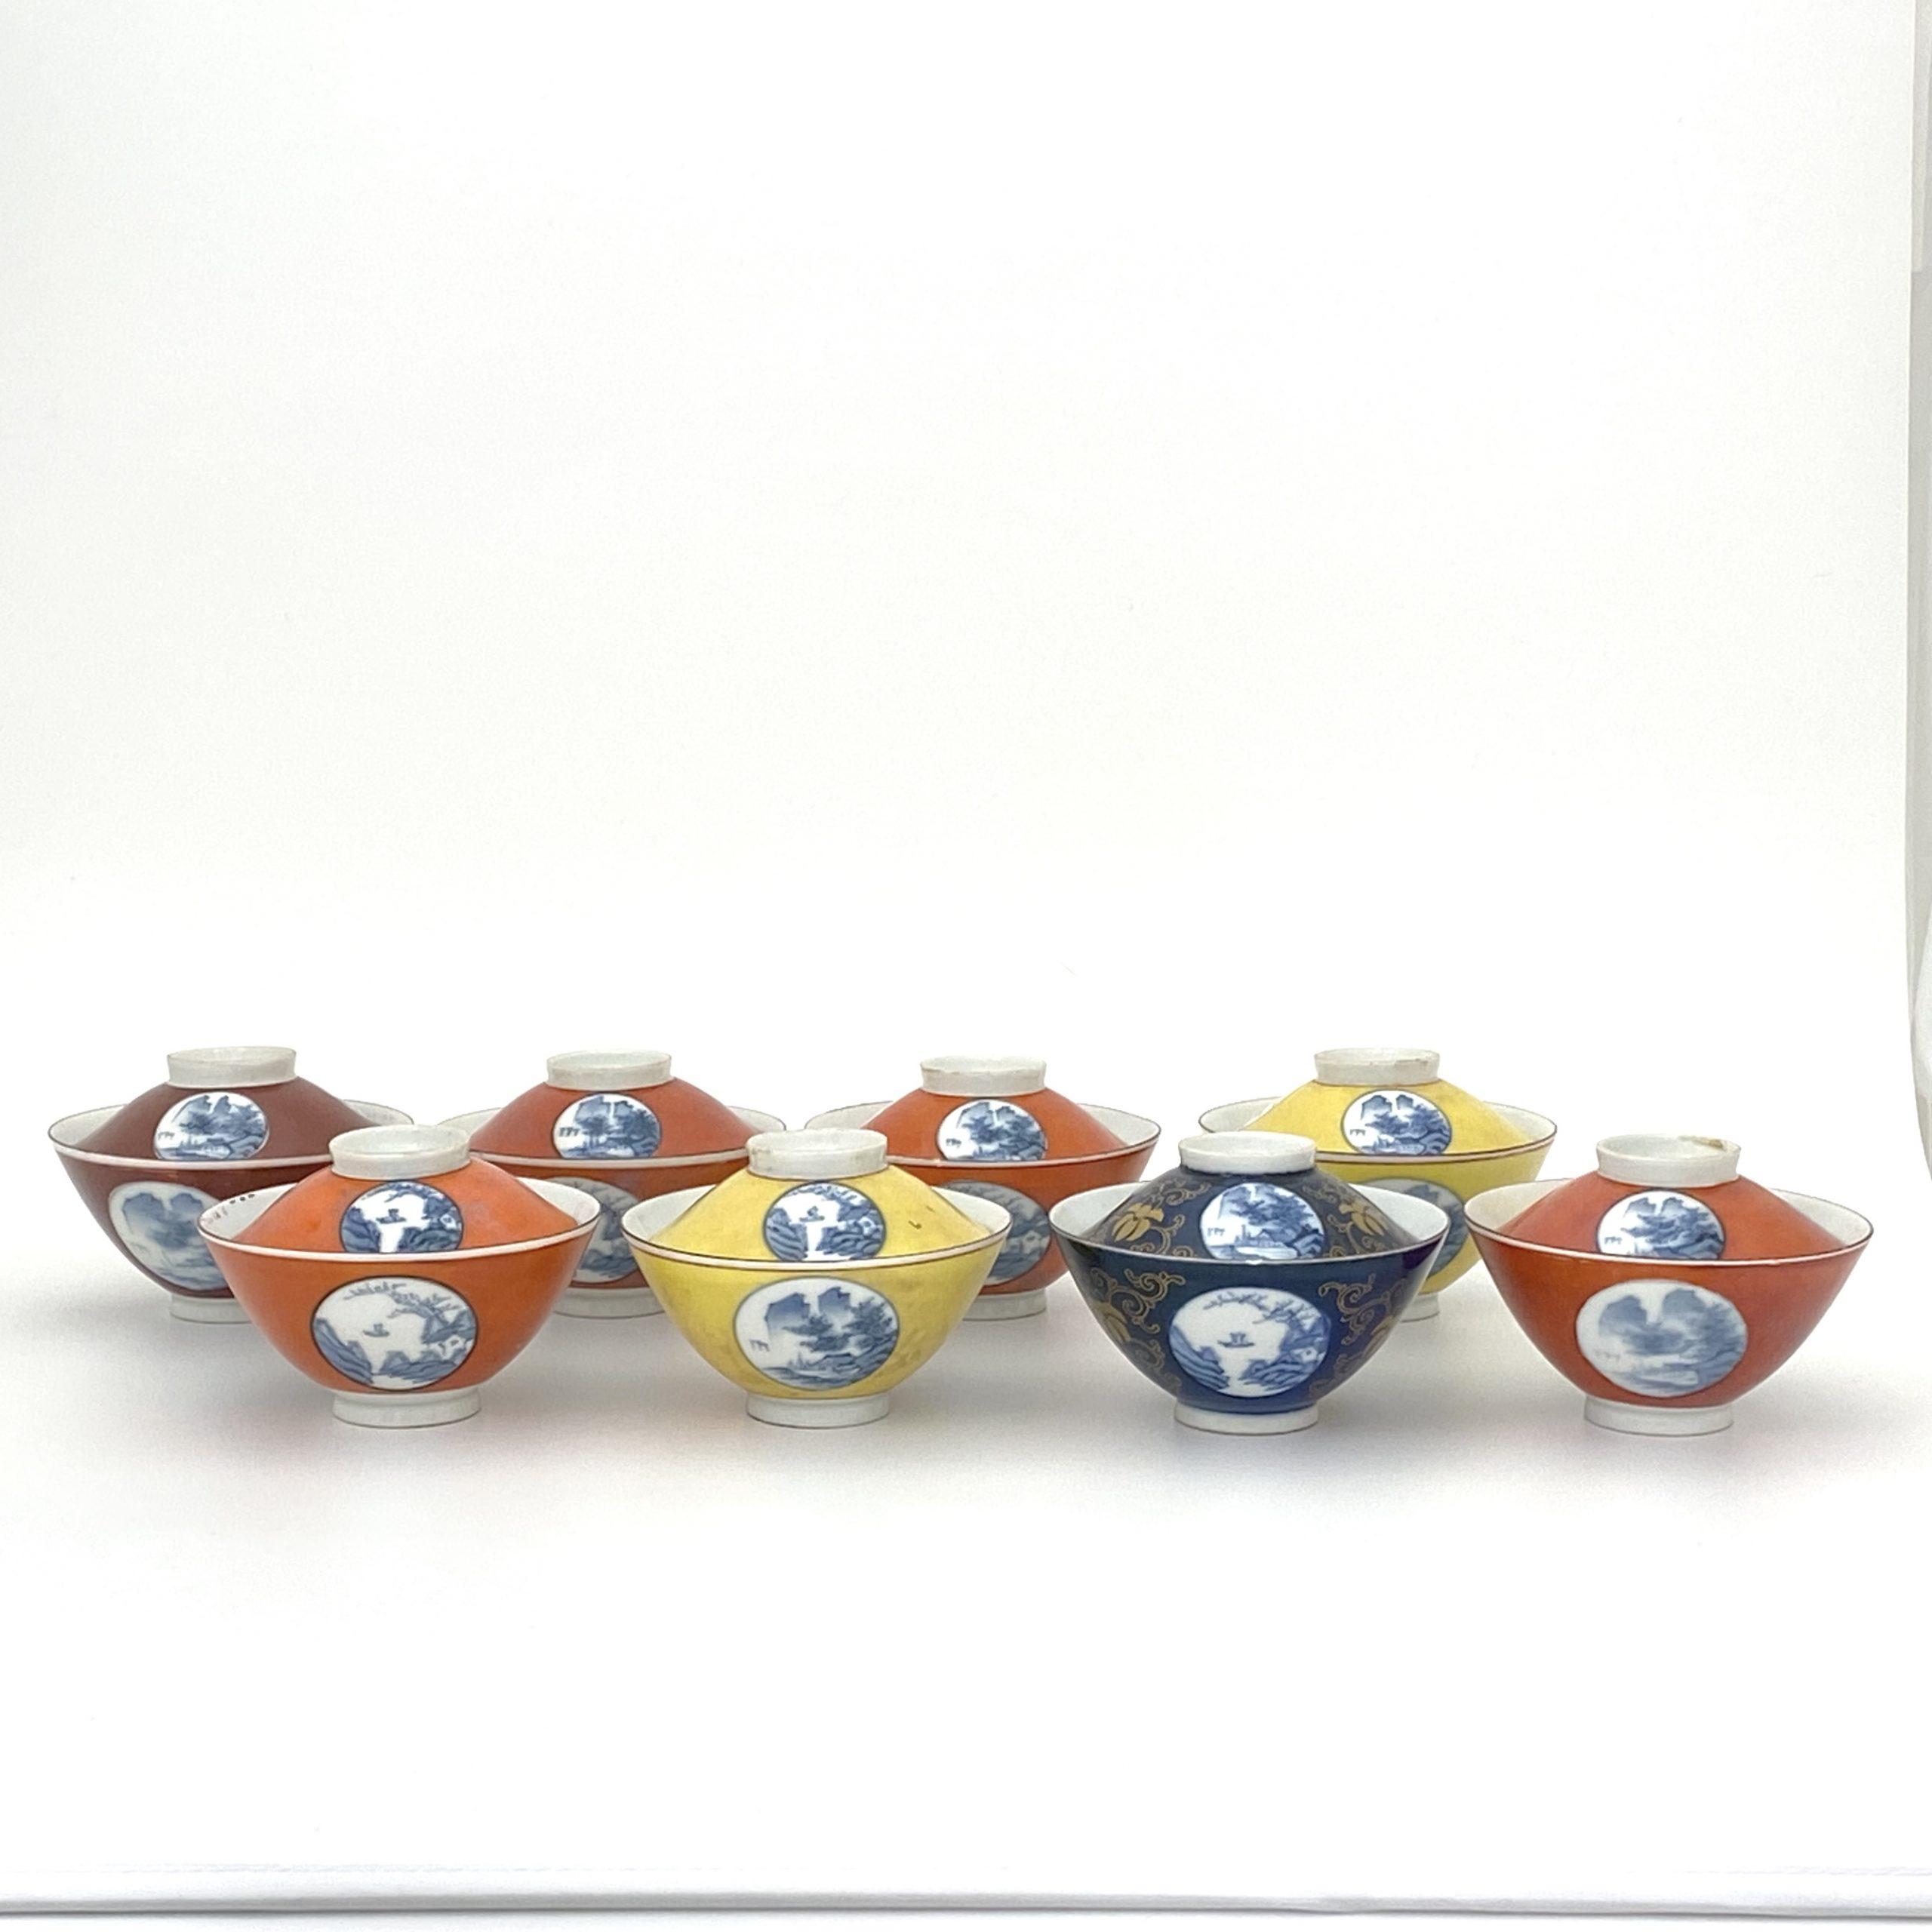 30045「大清乾隆年製」款 紅地青花 山水図 蓋碗等 計8件